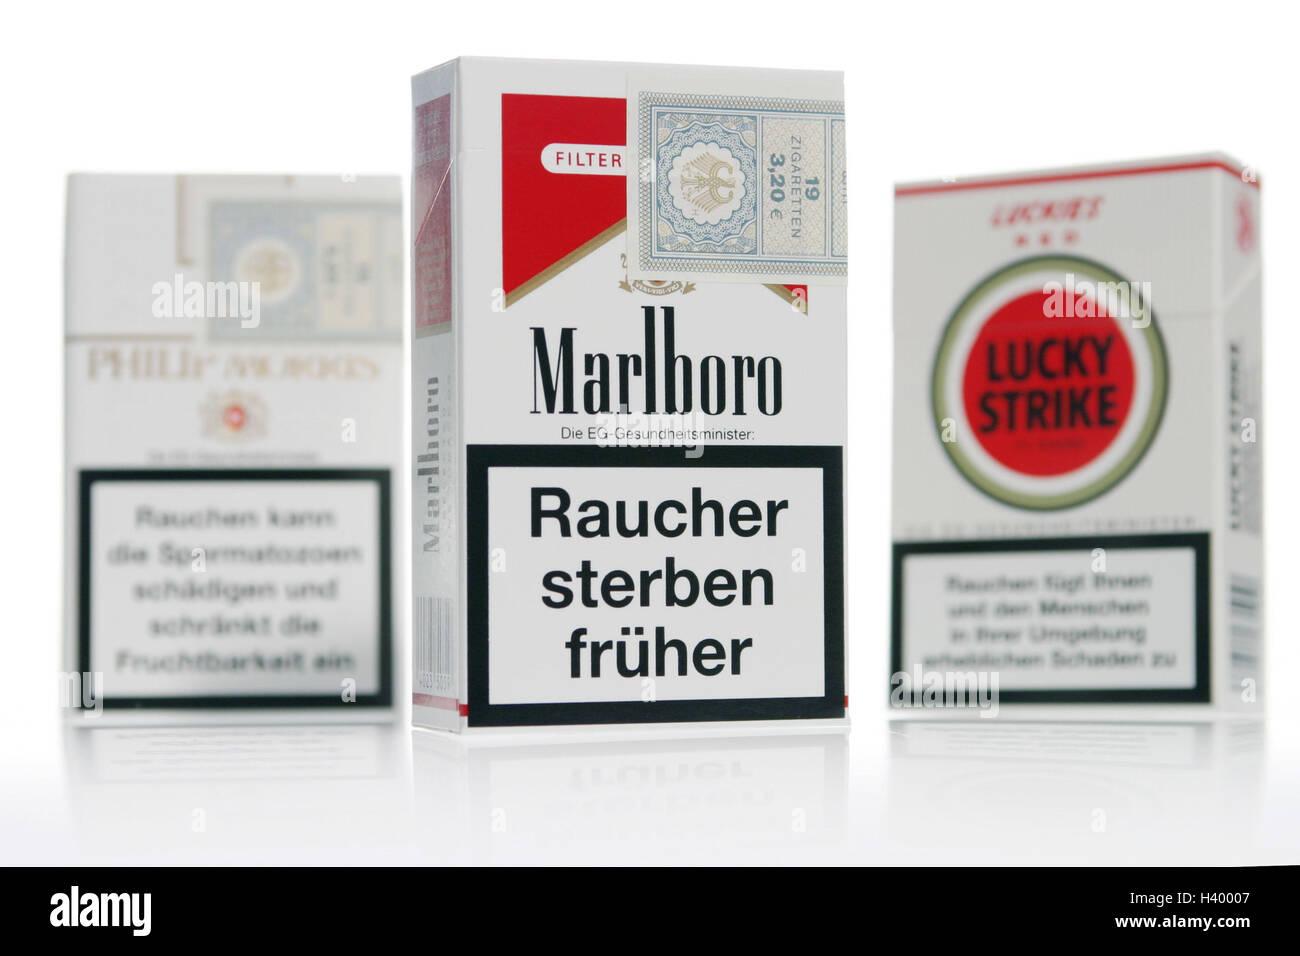 Marlboro cigarettes careers